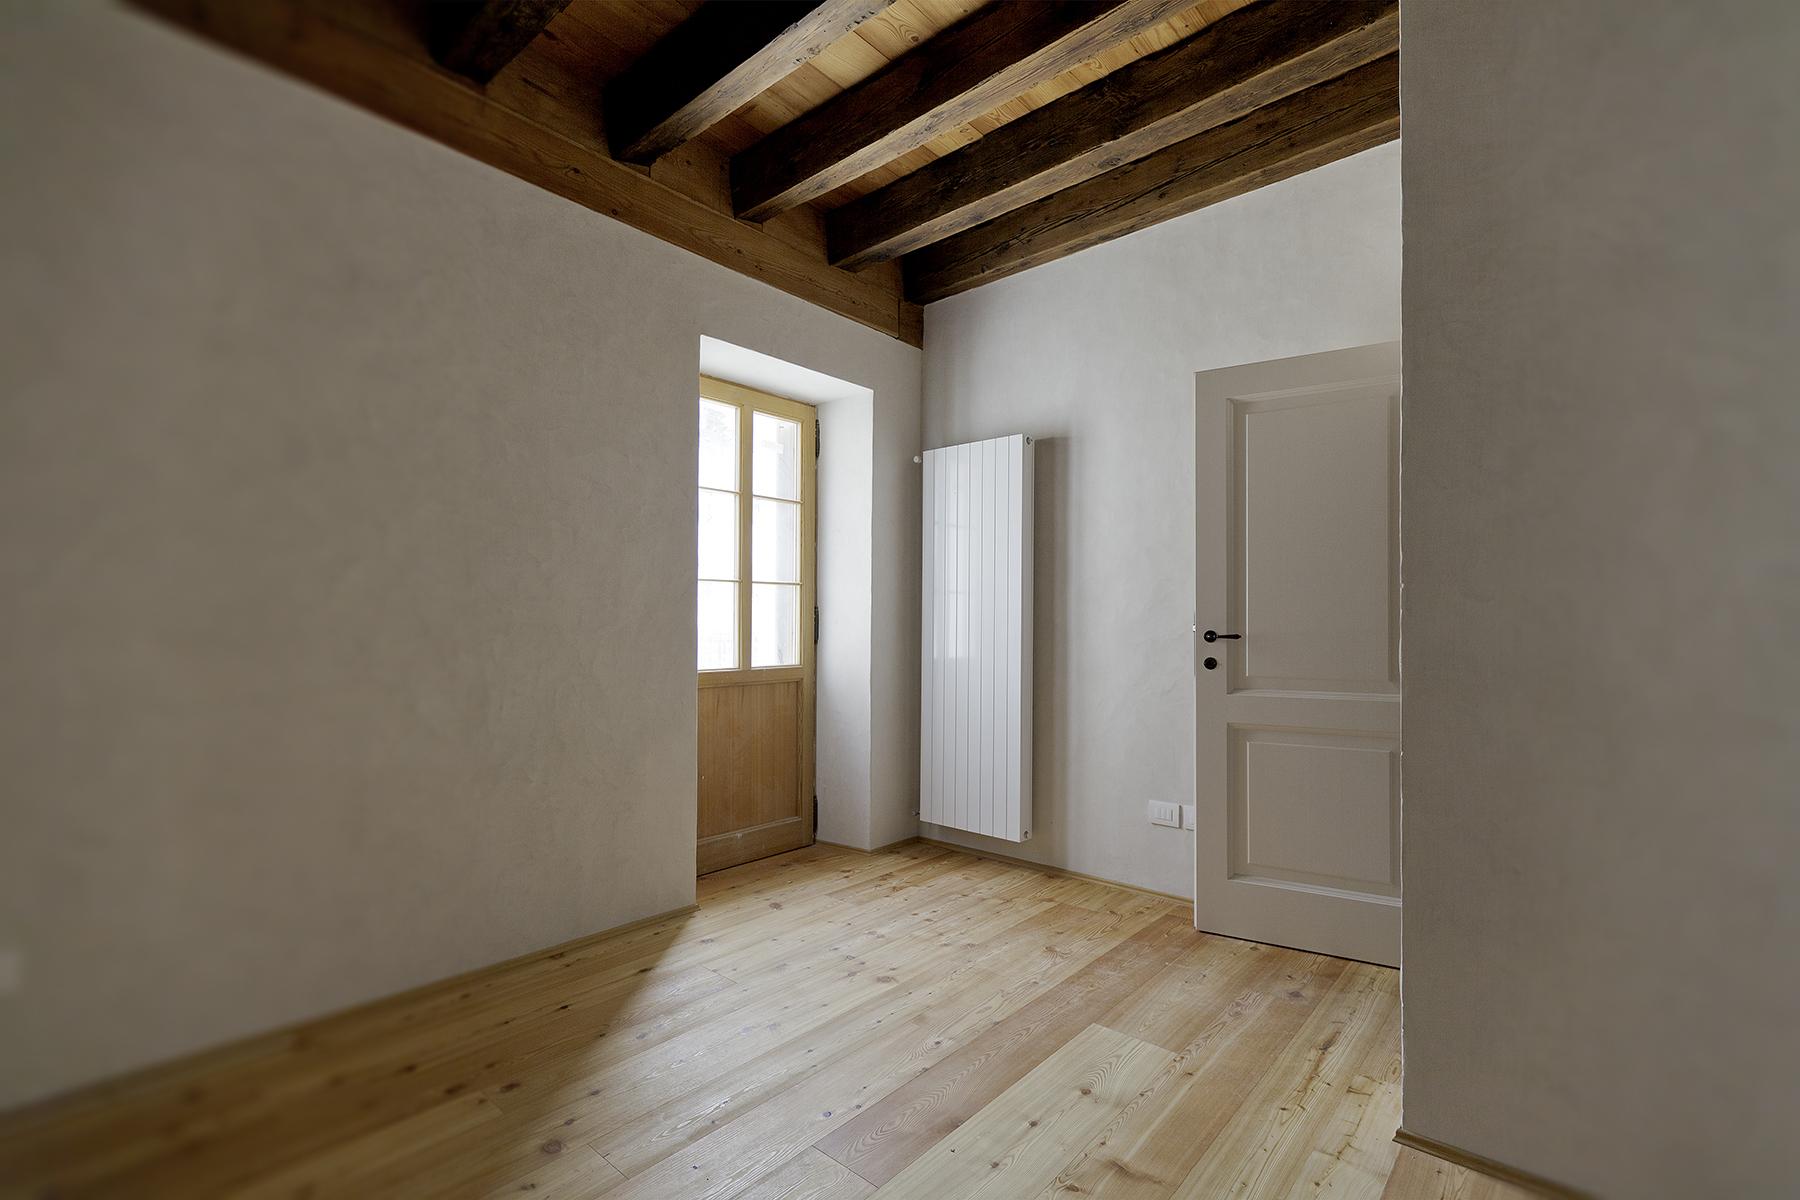 Appartamento in Vendita a Belluno: 5 locali, 220 mq - Foto 11